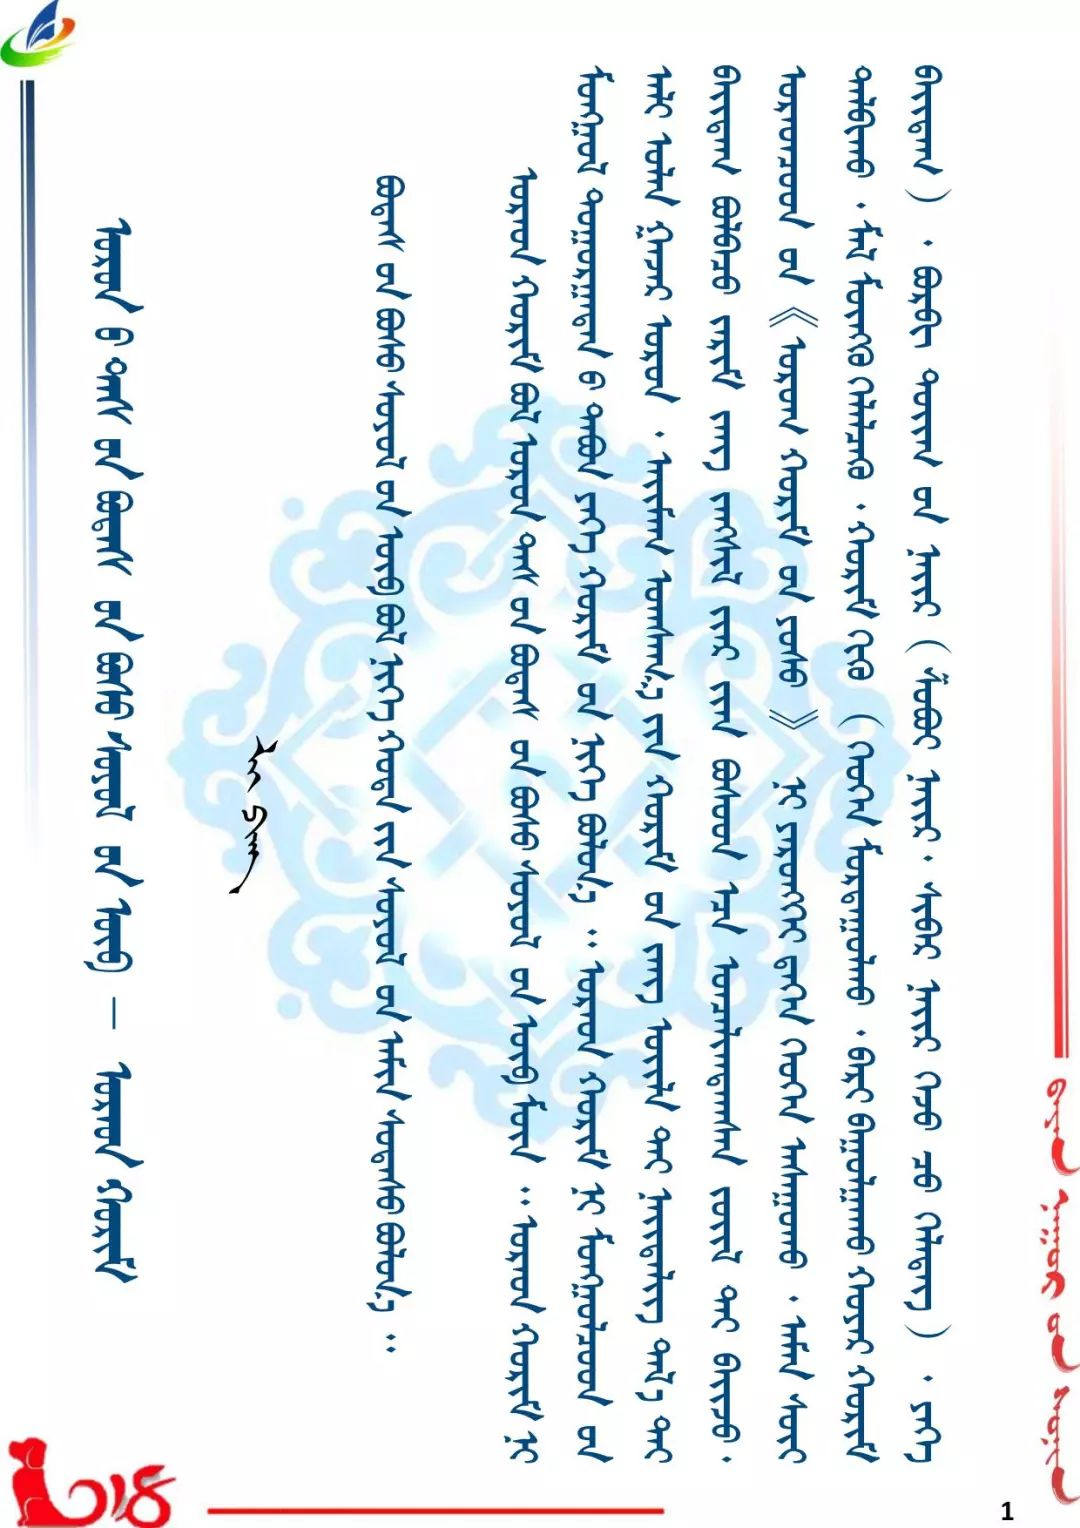 【乌拉特文化】自治区级非物质文化遗产——乌拉特婚礼 第3张